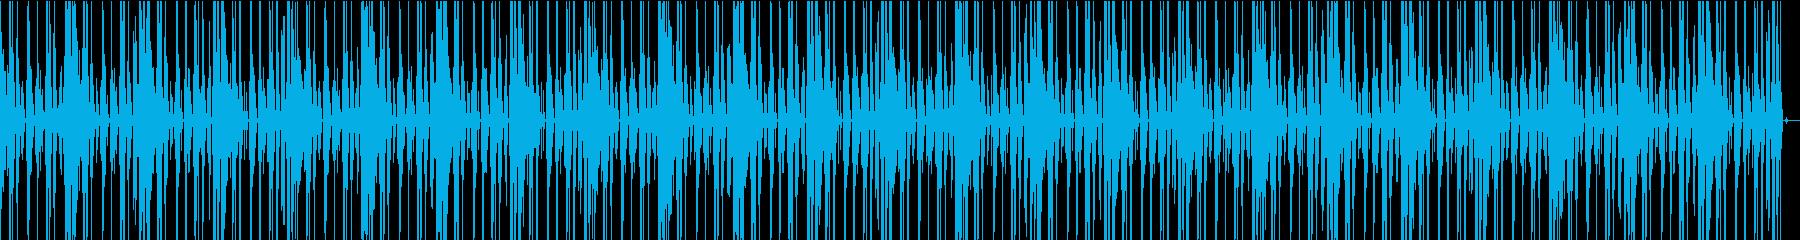 EDMなBGM004跳ねたリズムの再生済みの波形